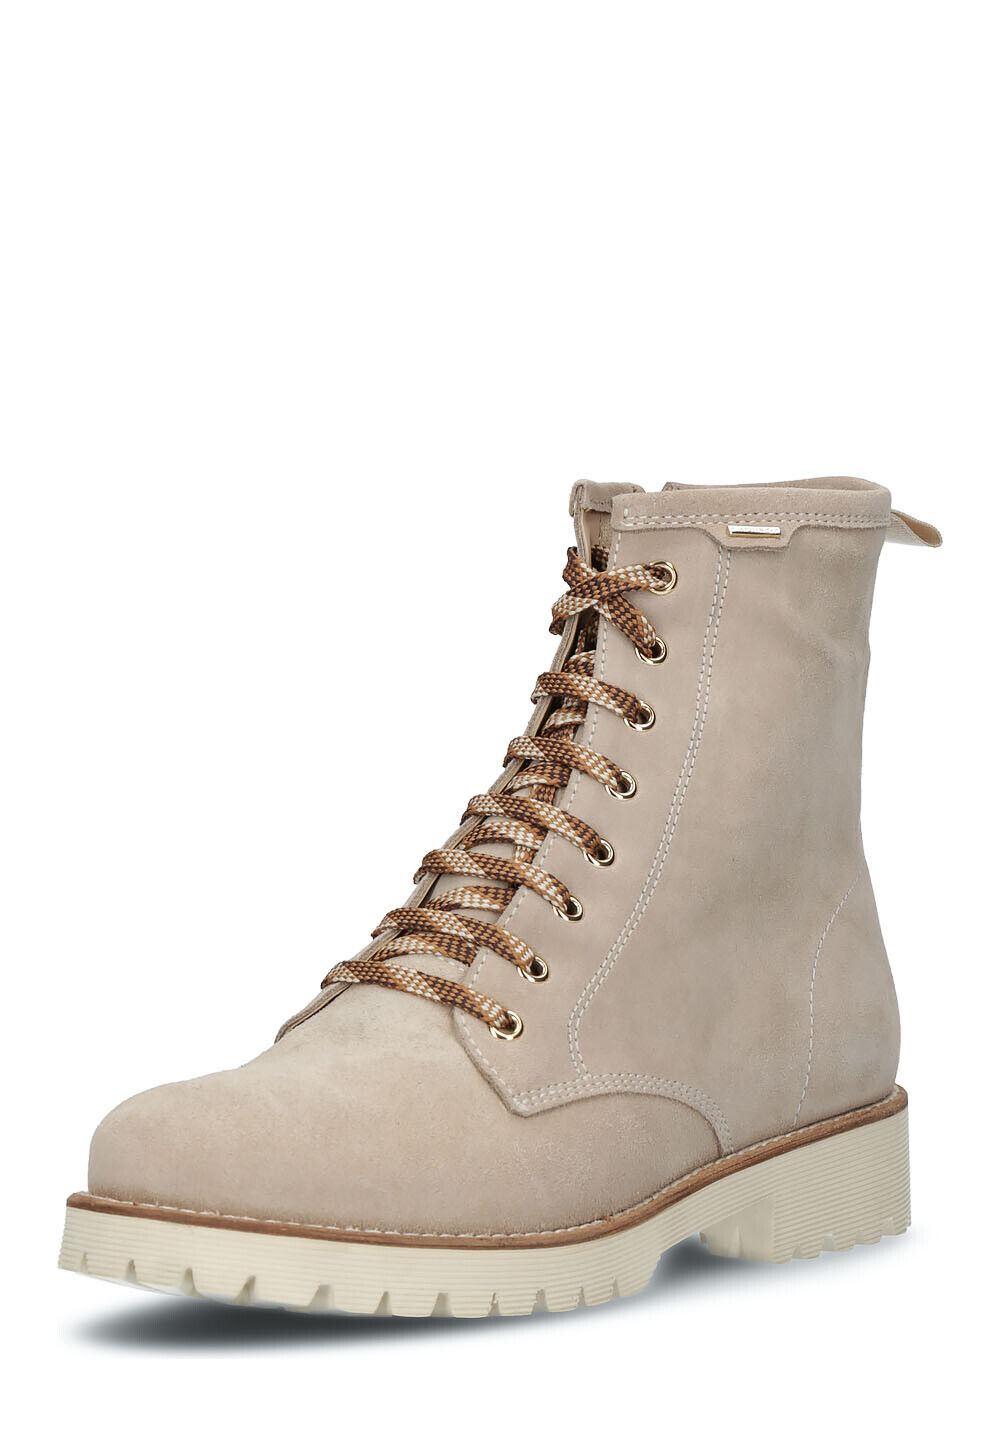 Geox Damen Schuhe Stiefelies hochwertigem Glattleder Größe 36 37